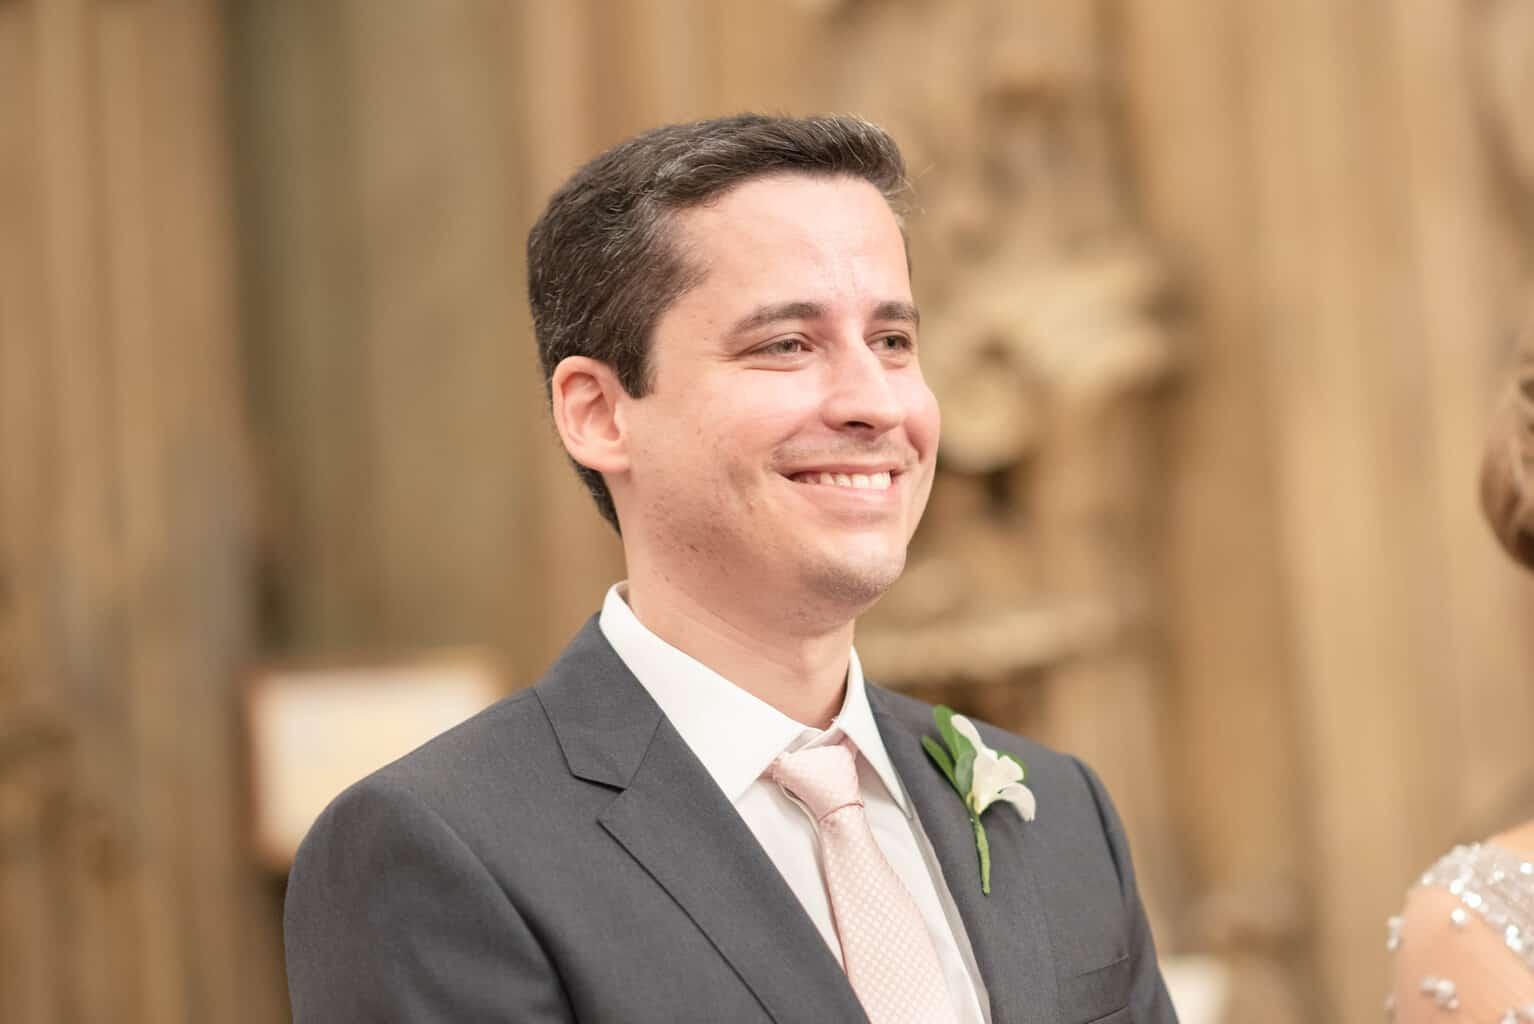 casamento-Karynna-e-Fernando-cerimonia-na-igreja-cerimonial-TCD-Eventos-fotografia-Marina-Fava-Igreja-São-Francisco-de-Paula46